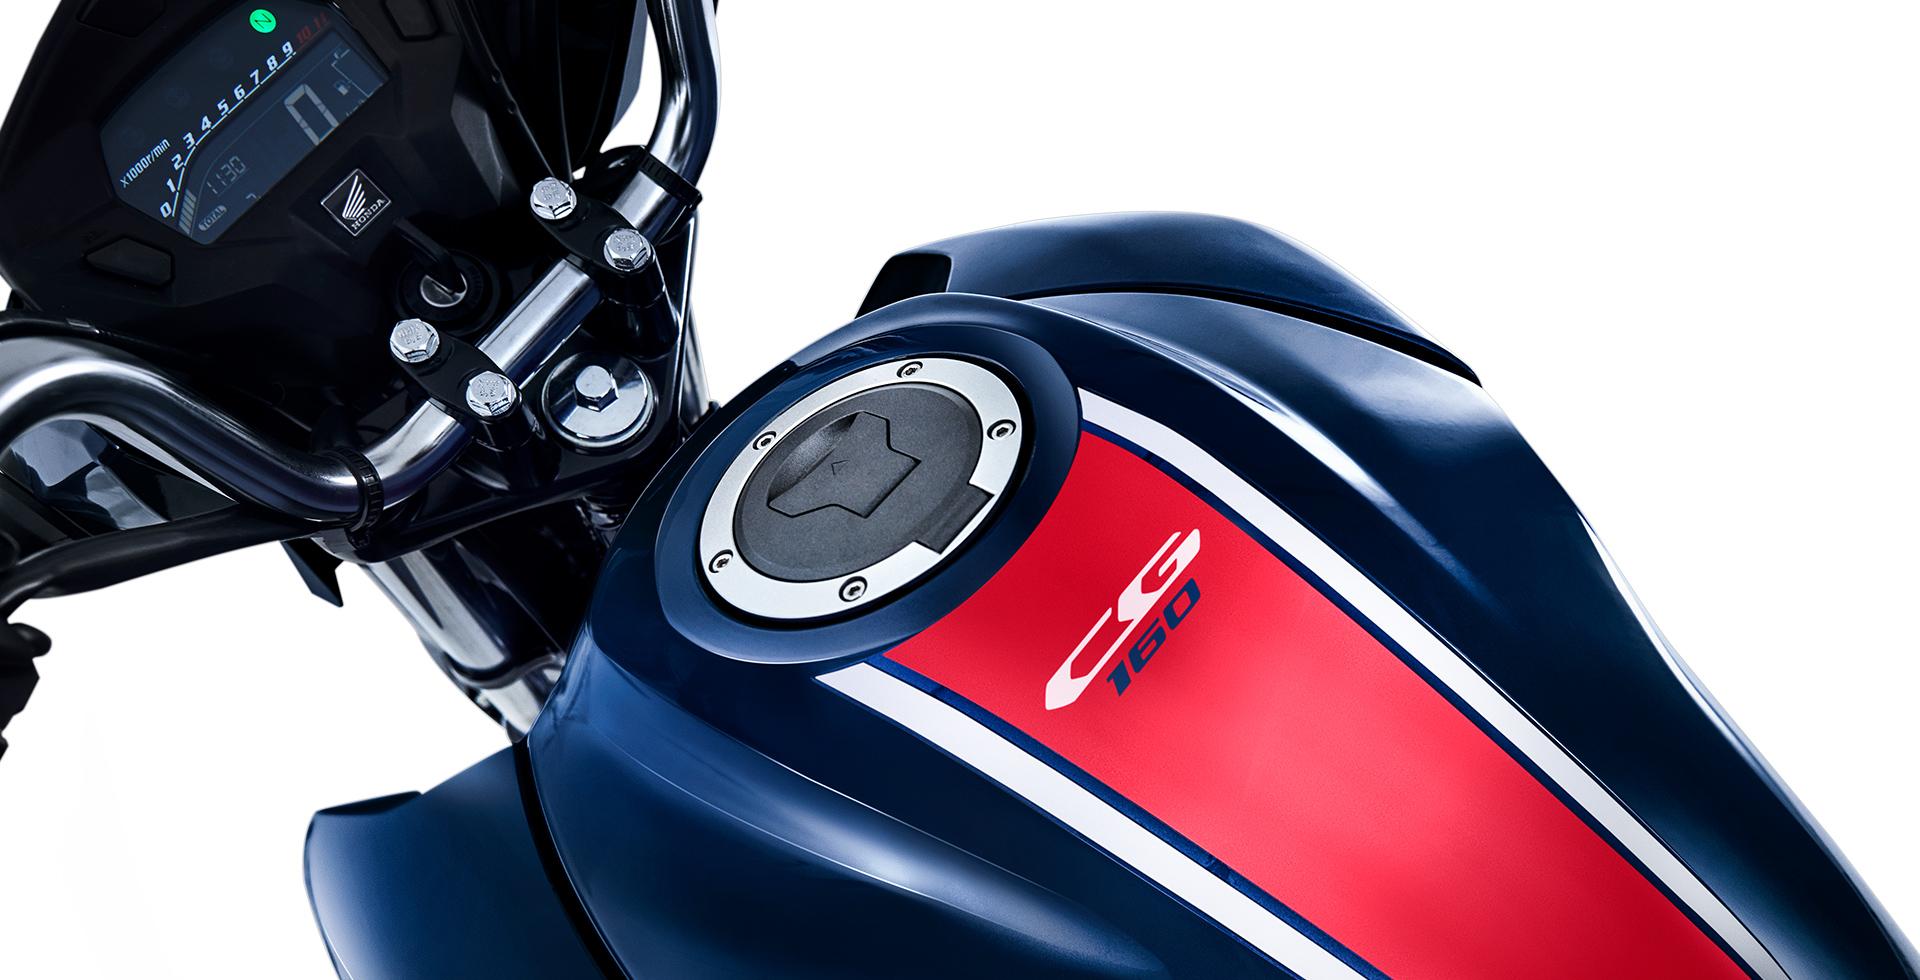 Titan azul escuro detalhe tanque